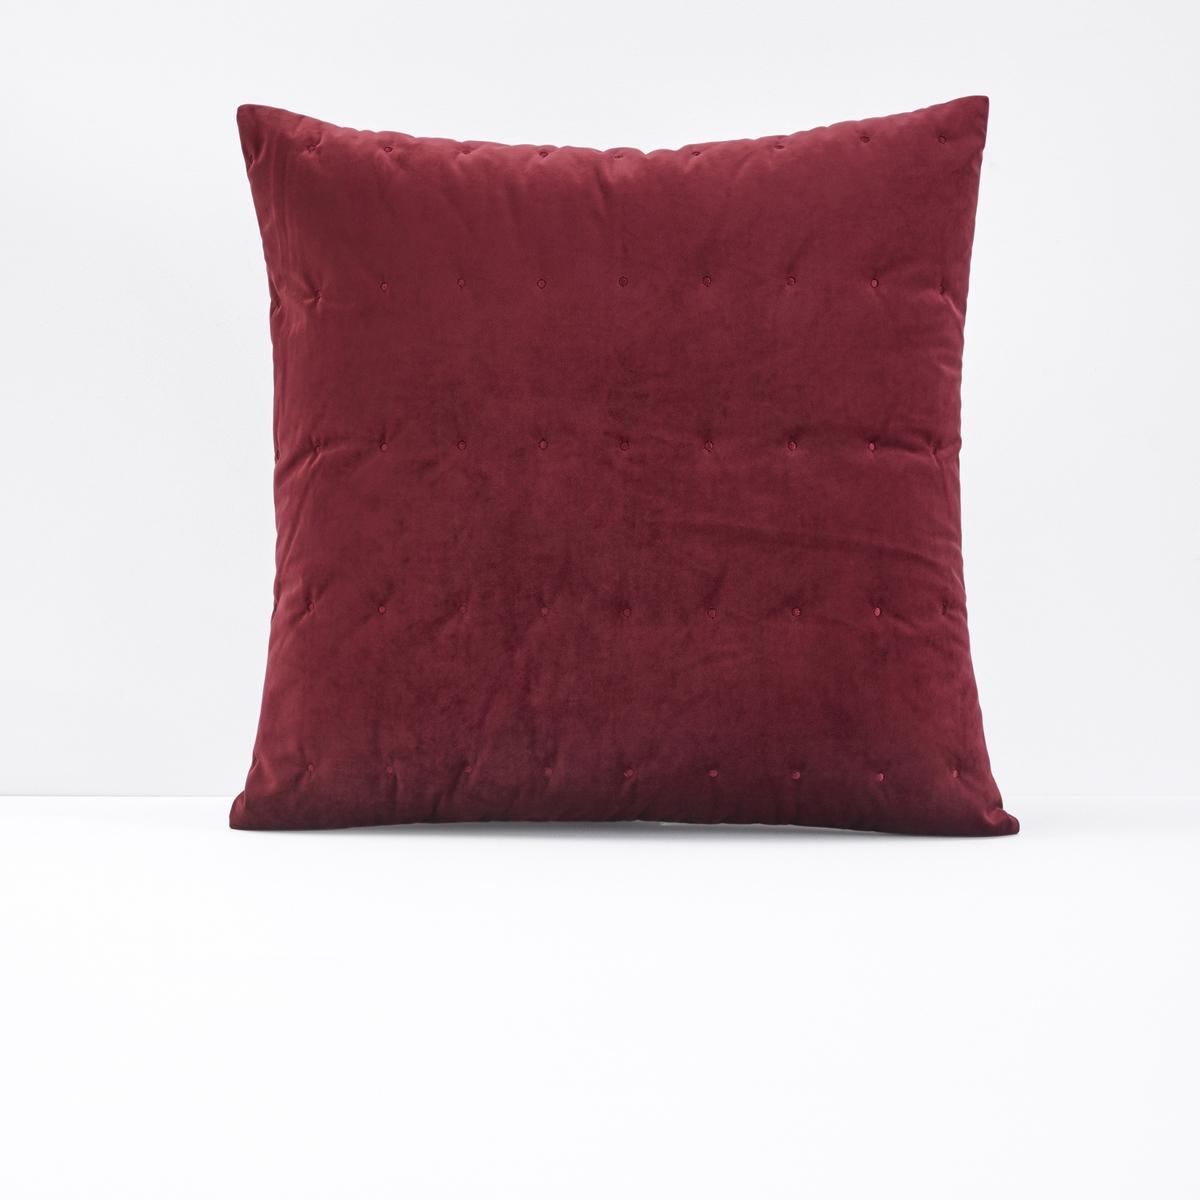 Чехол на подушку из велюра с вышивкой PETIPON.